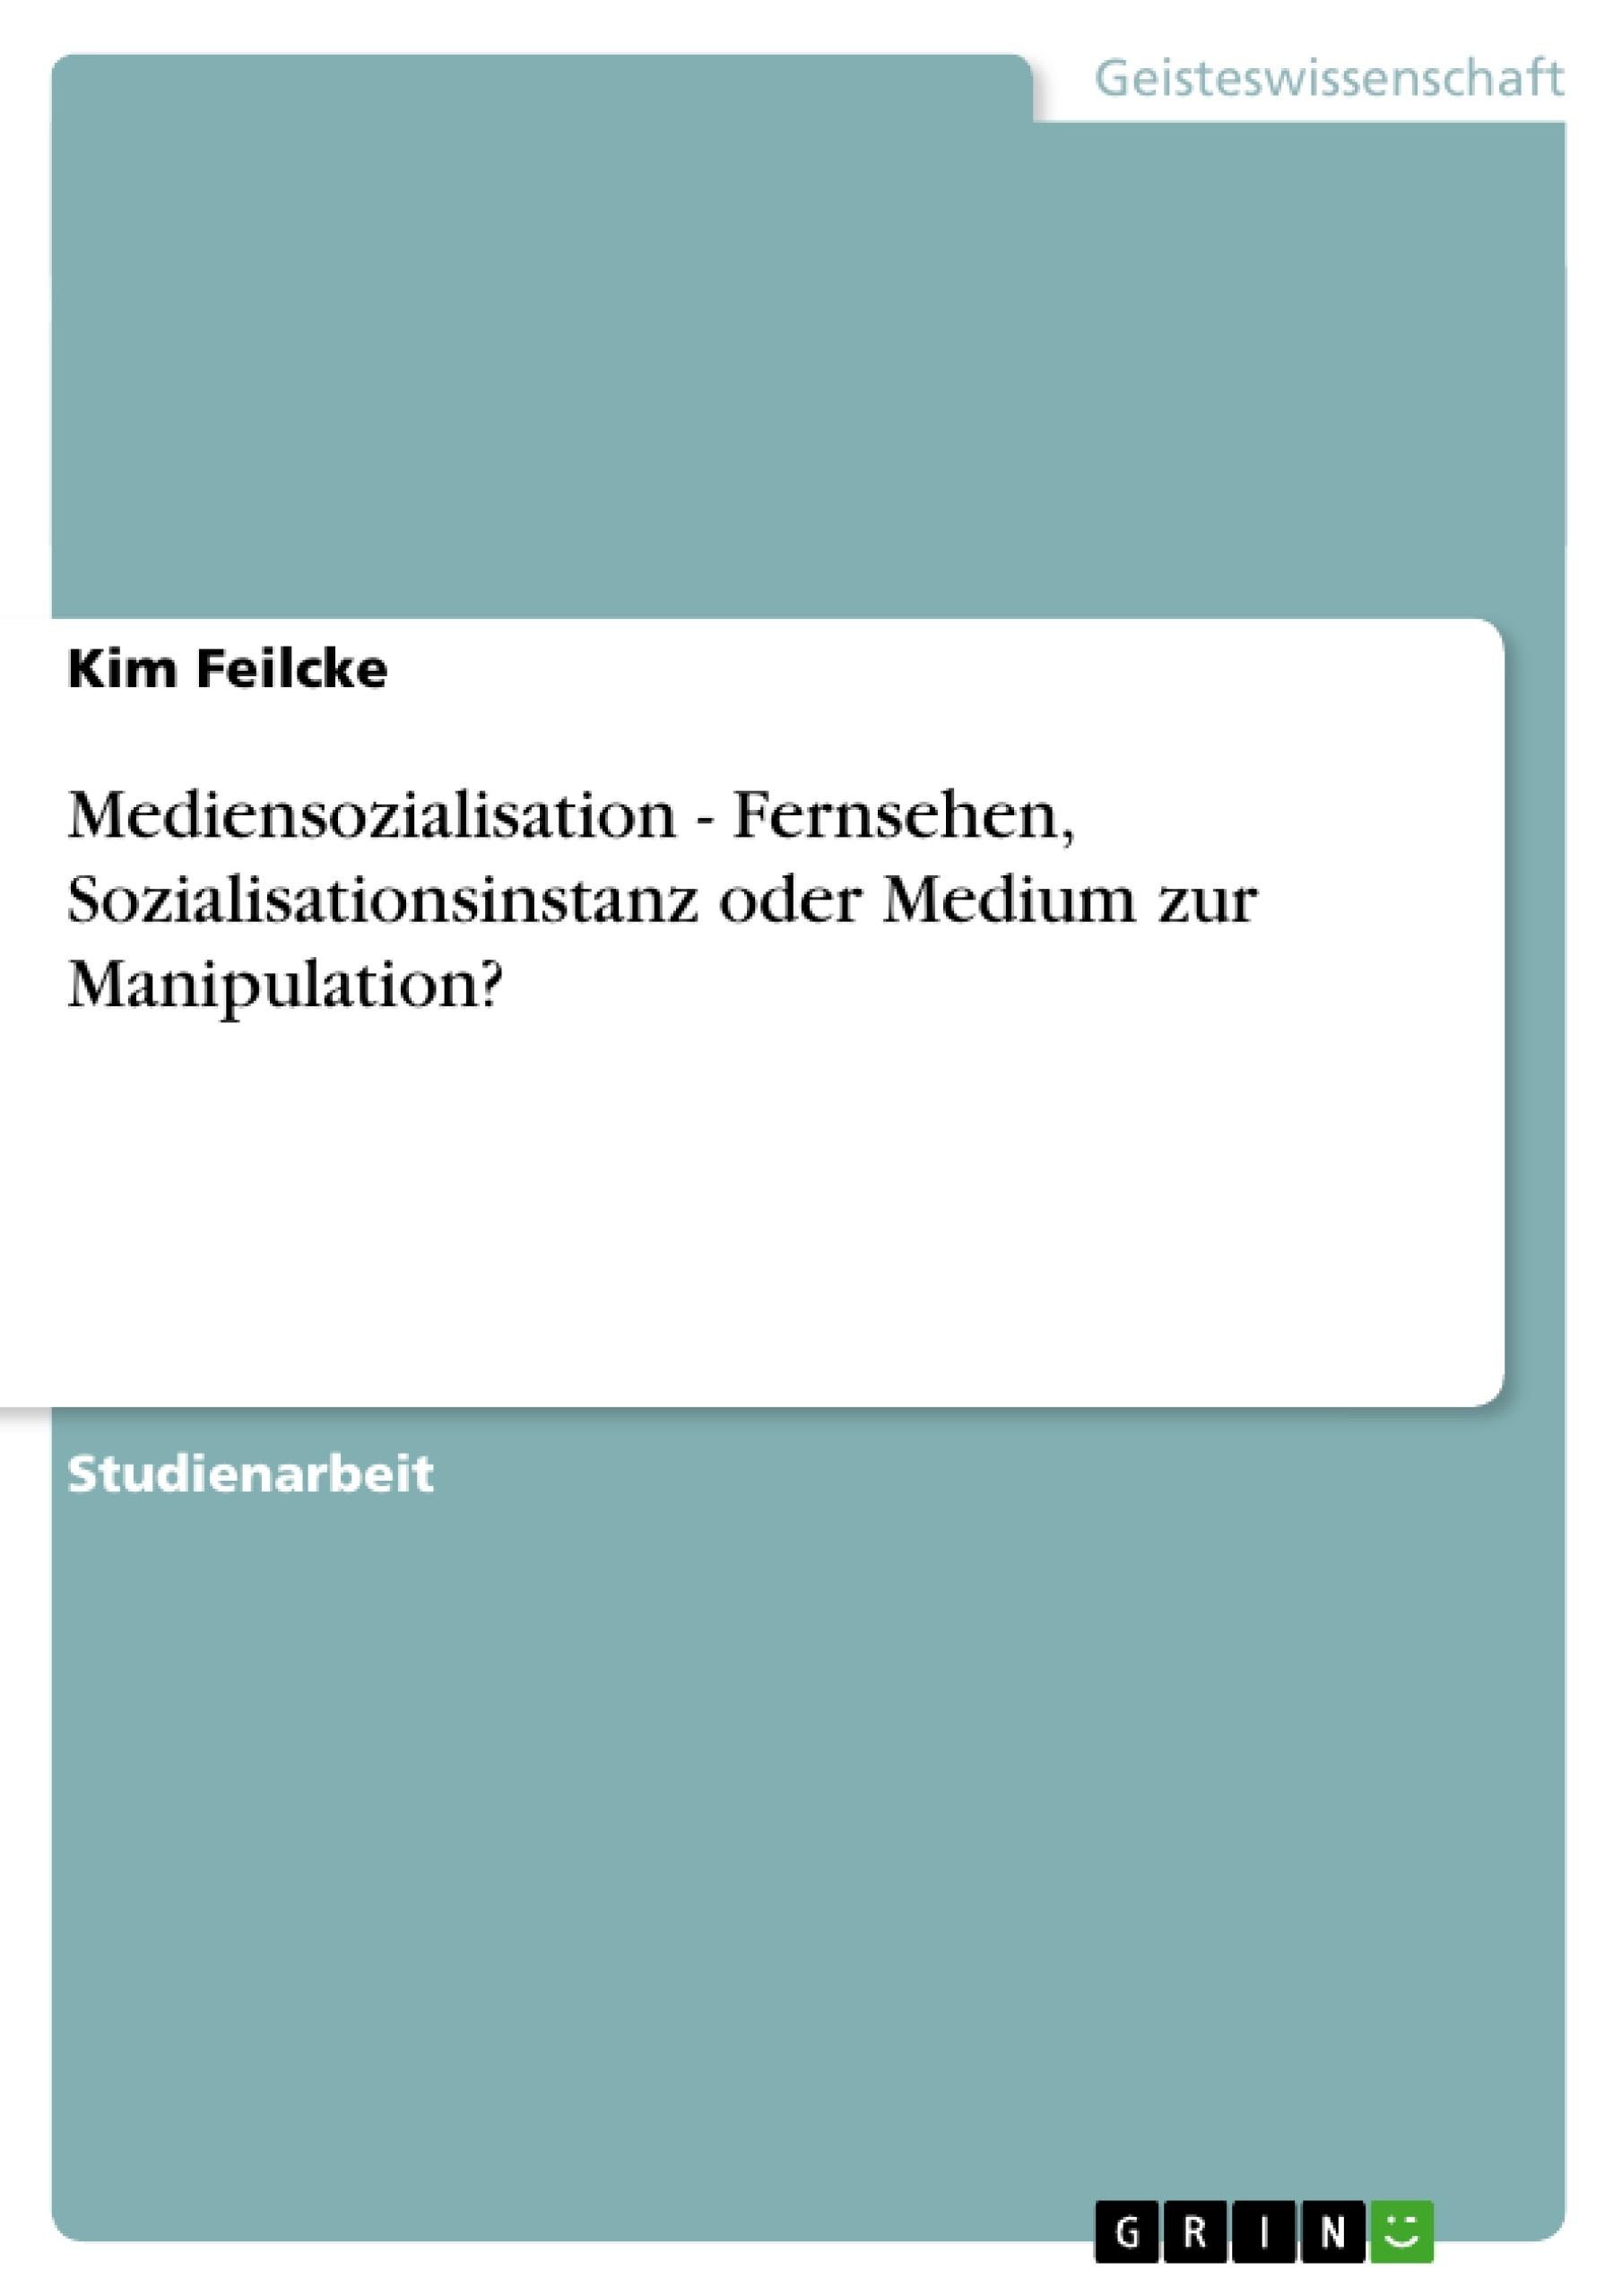 Titel: Mediensozialisation - Fernsehen, Sozialisationsinstanz oder Medium zur Manipulation?